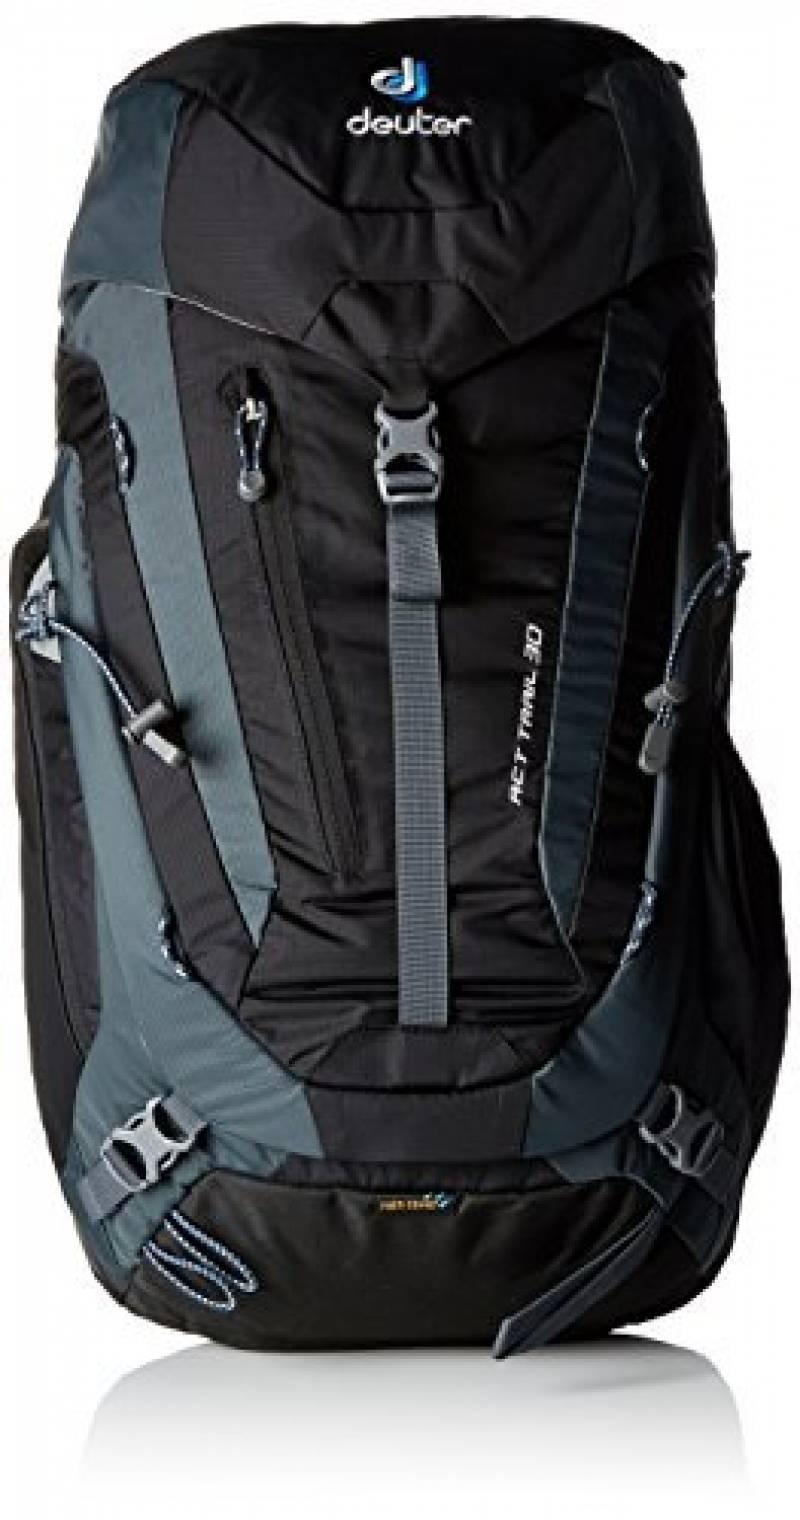 Sac à dos ski de rando deuter   acheter les meilleurs modèles pour ... adf5986f454